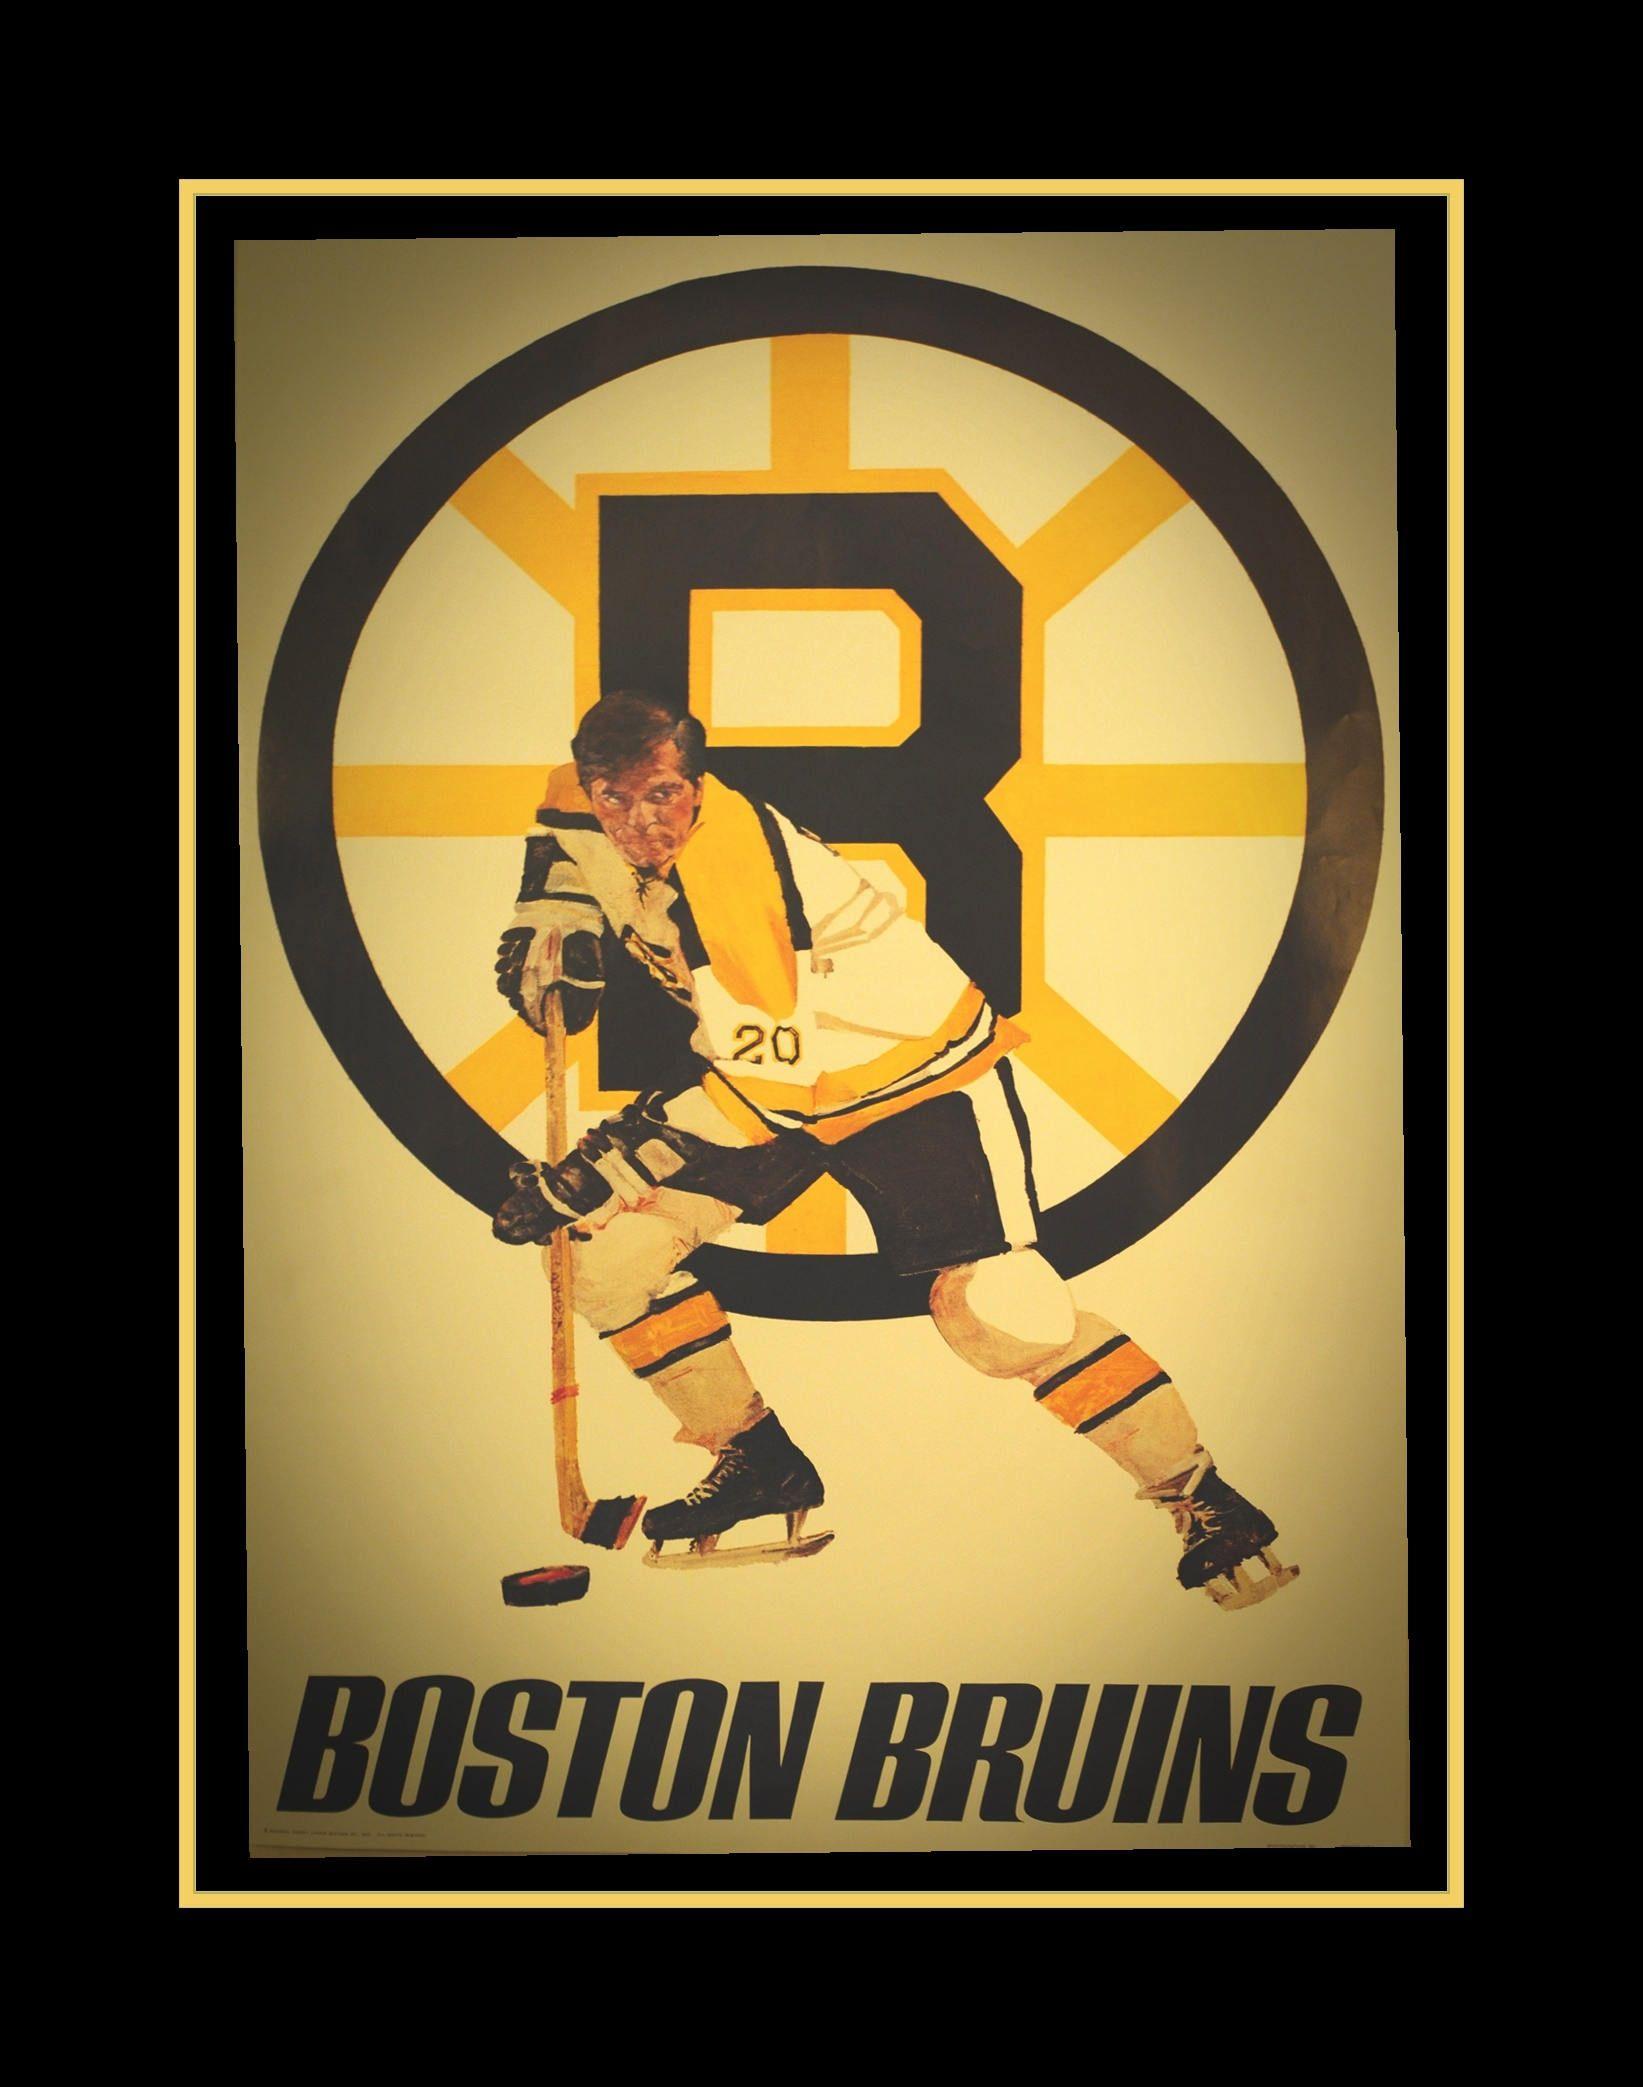 1970s Boston Bruins Program Cover Art Poster, Hockey Wall Decor ...